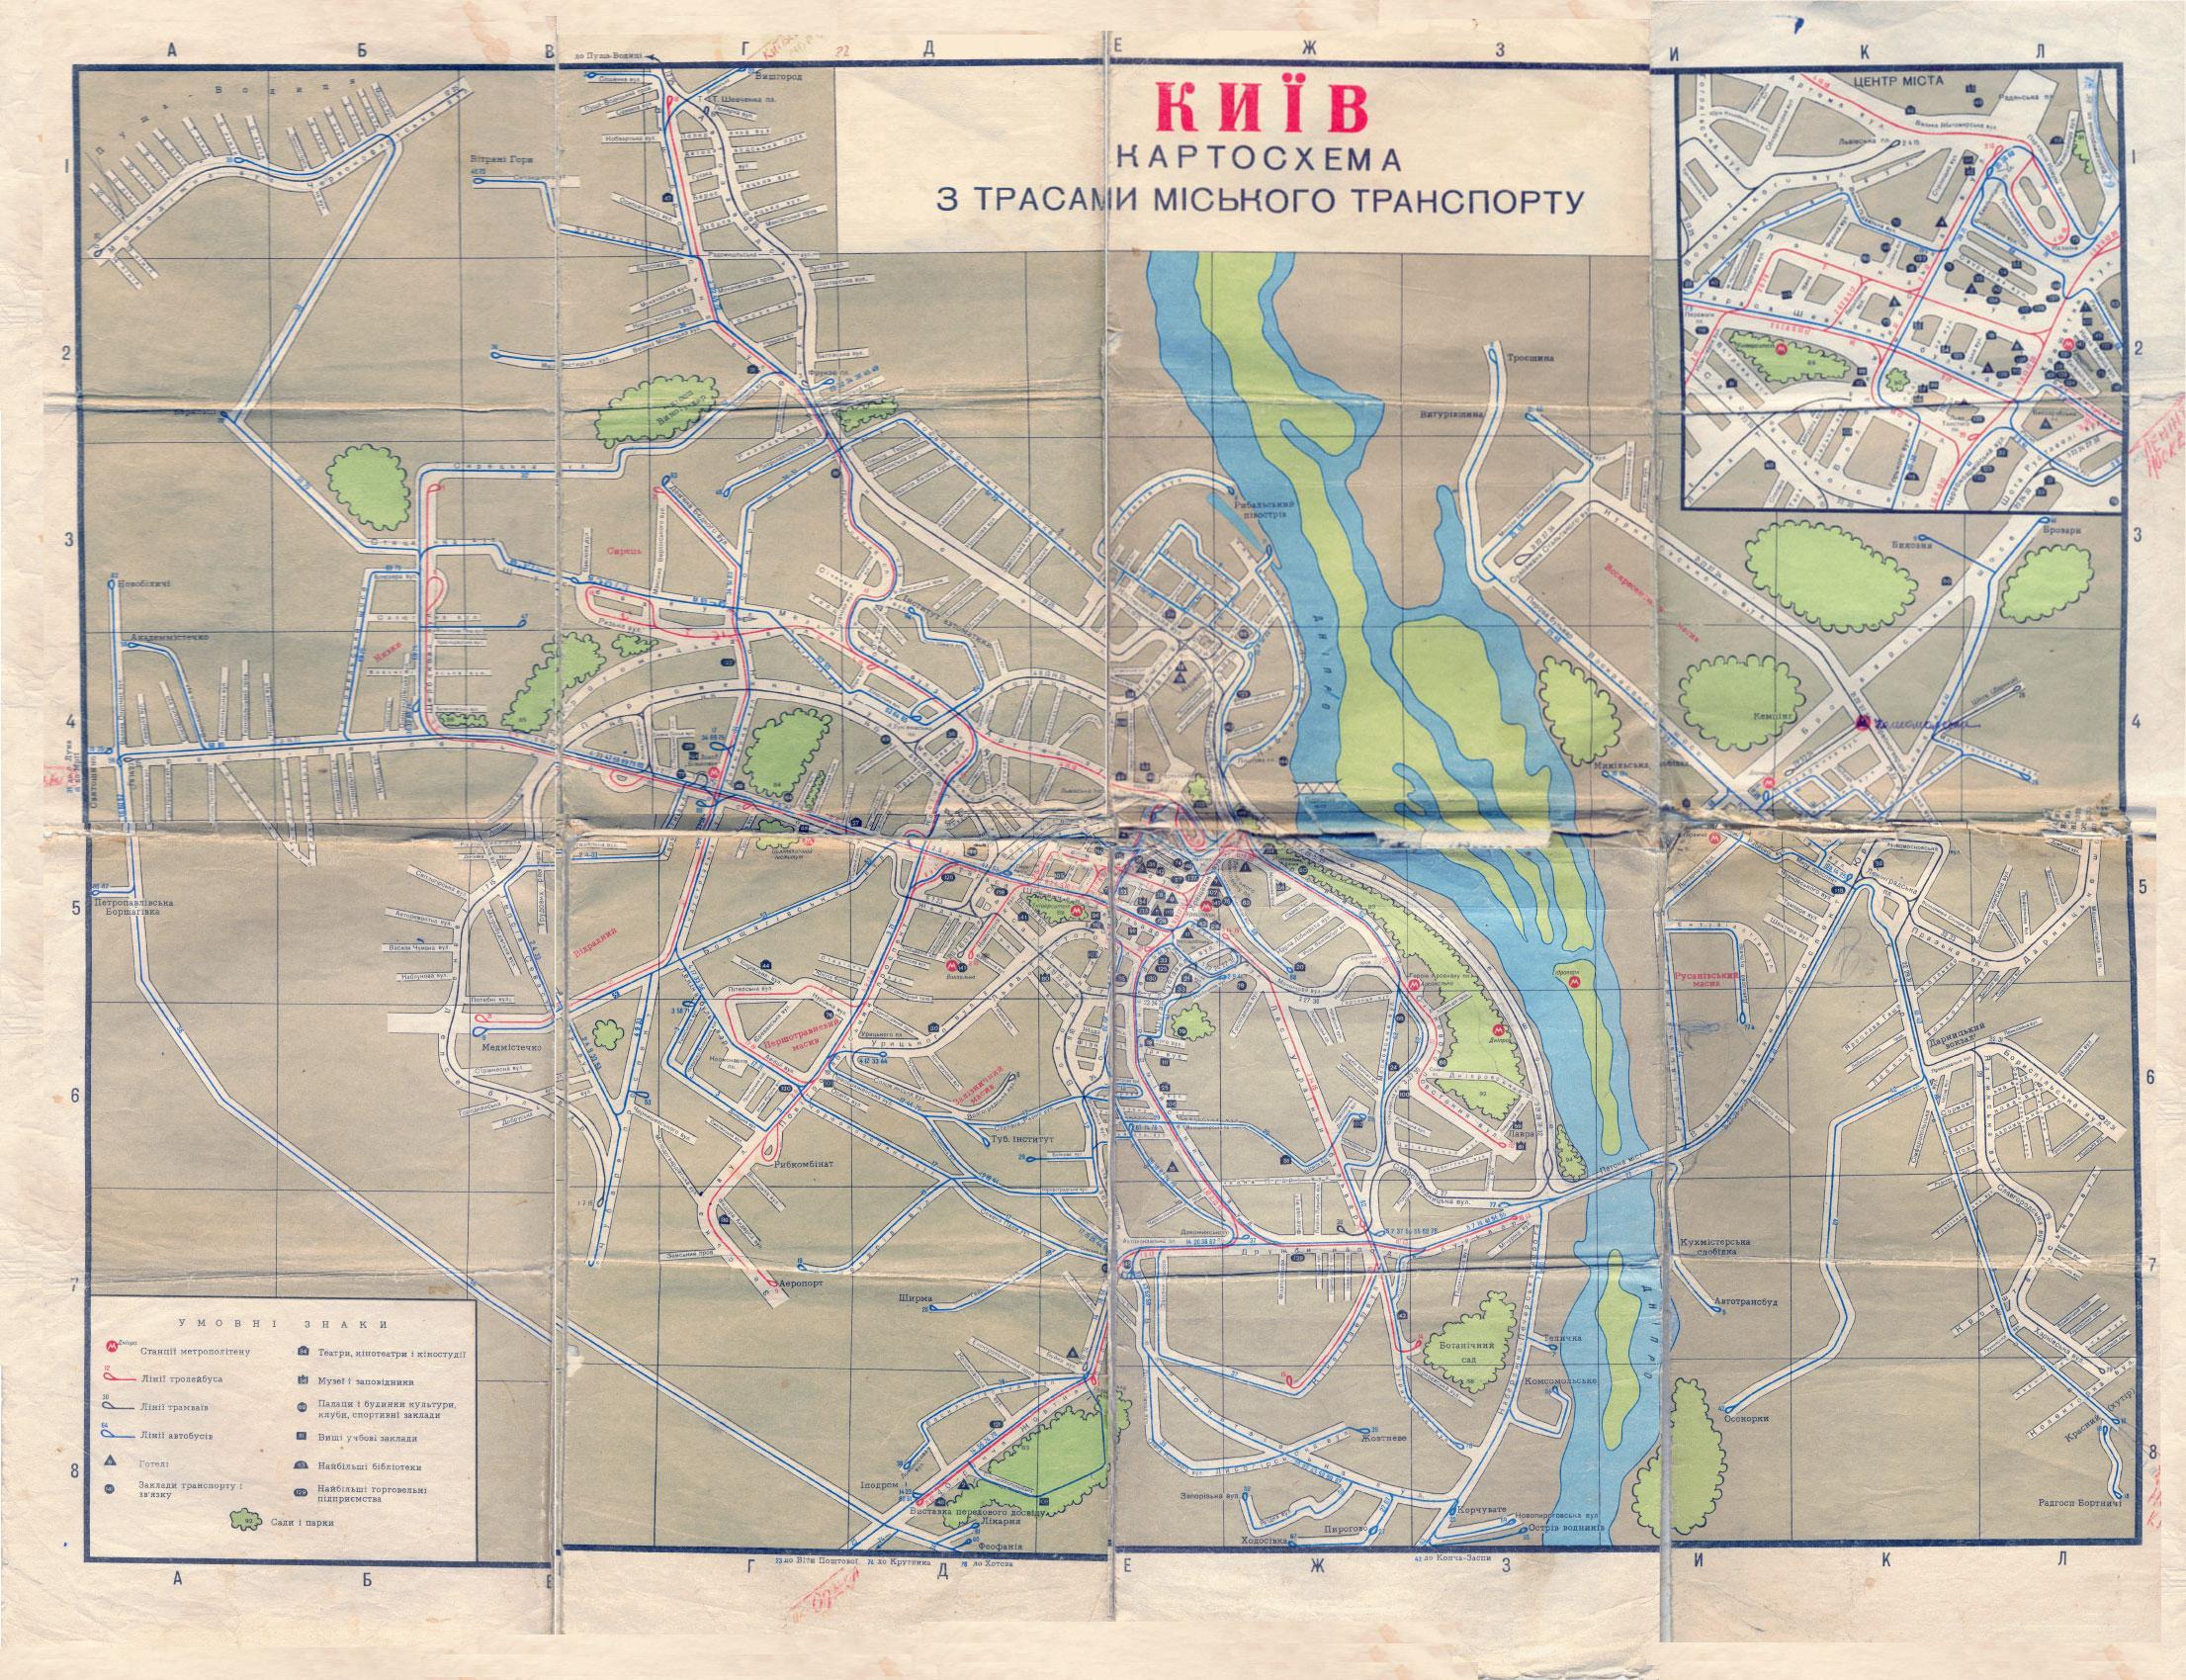 Памяти киевских трамваев:: История:: Схемы и списки:: 1967.